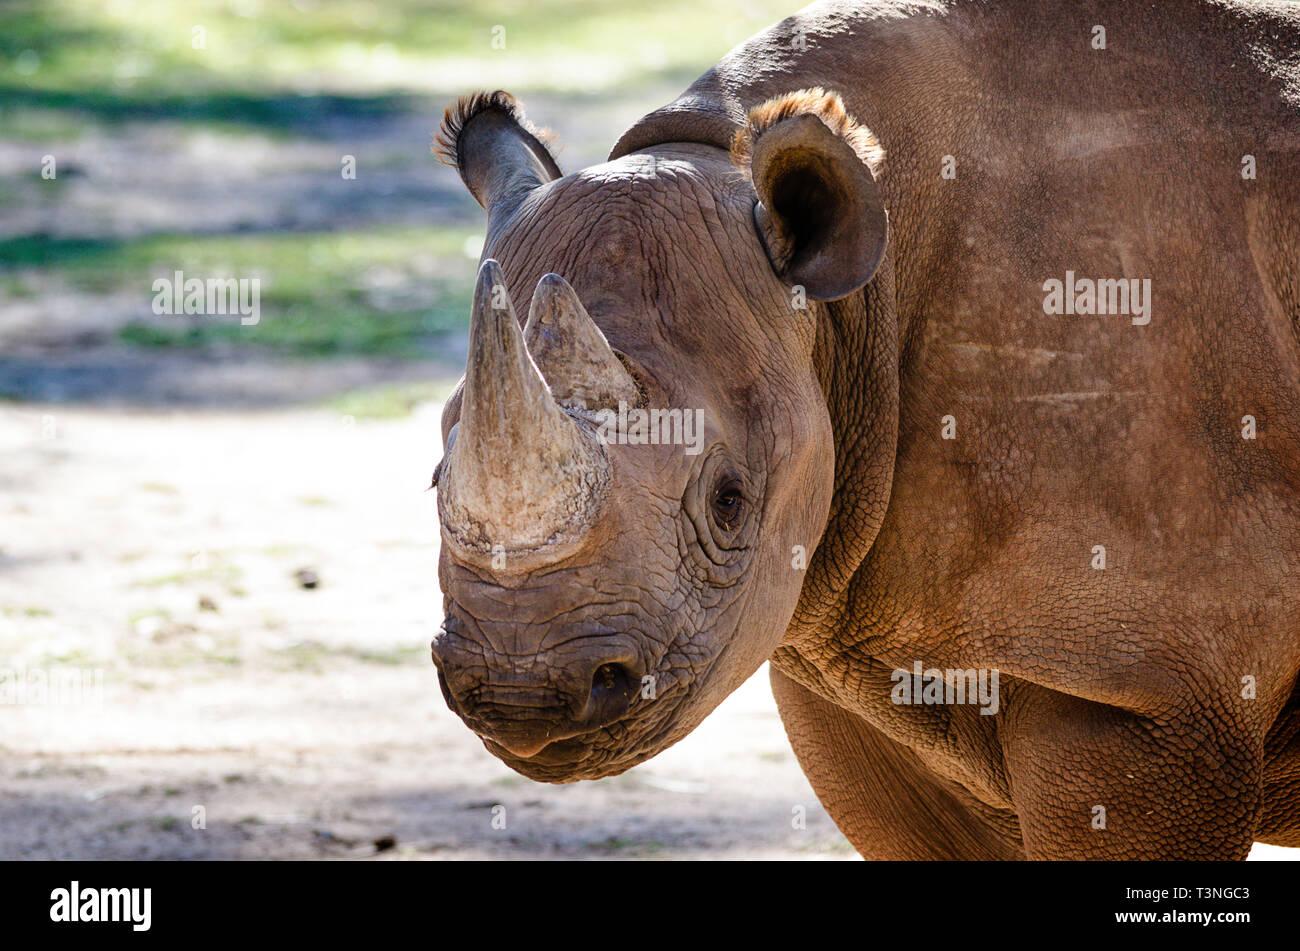 Portrait of White rhinoceros (Ceratotherium simum) - Stock Image